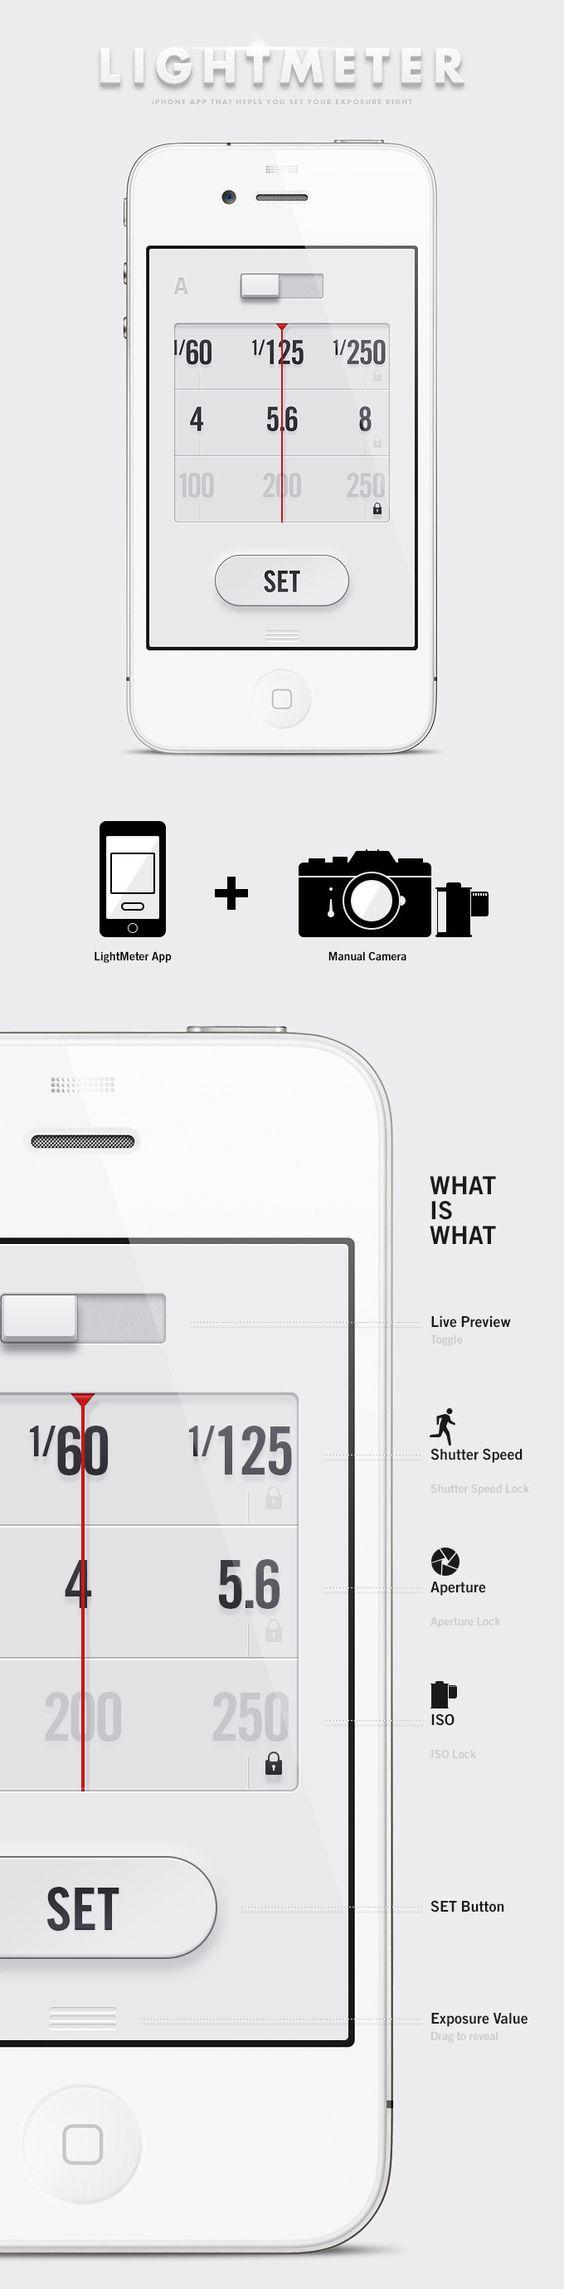 aa13 > Le designer Anton Repponnen nous présente sa nouvelle application pour Iphone, qui vous aide à configurer en terme d'exposition vos caméras manuel.